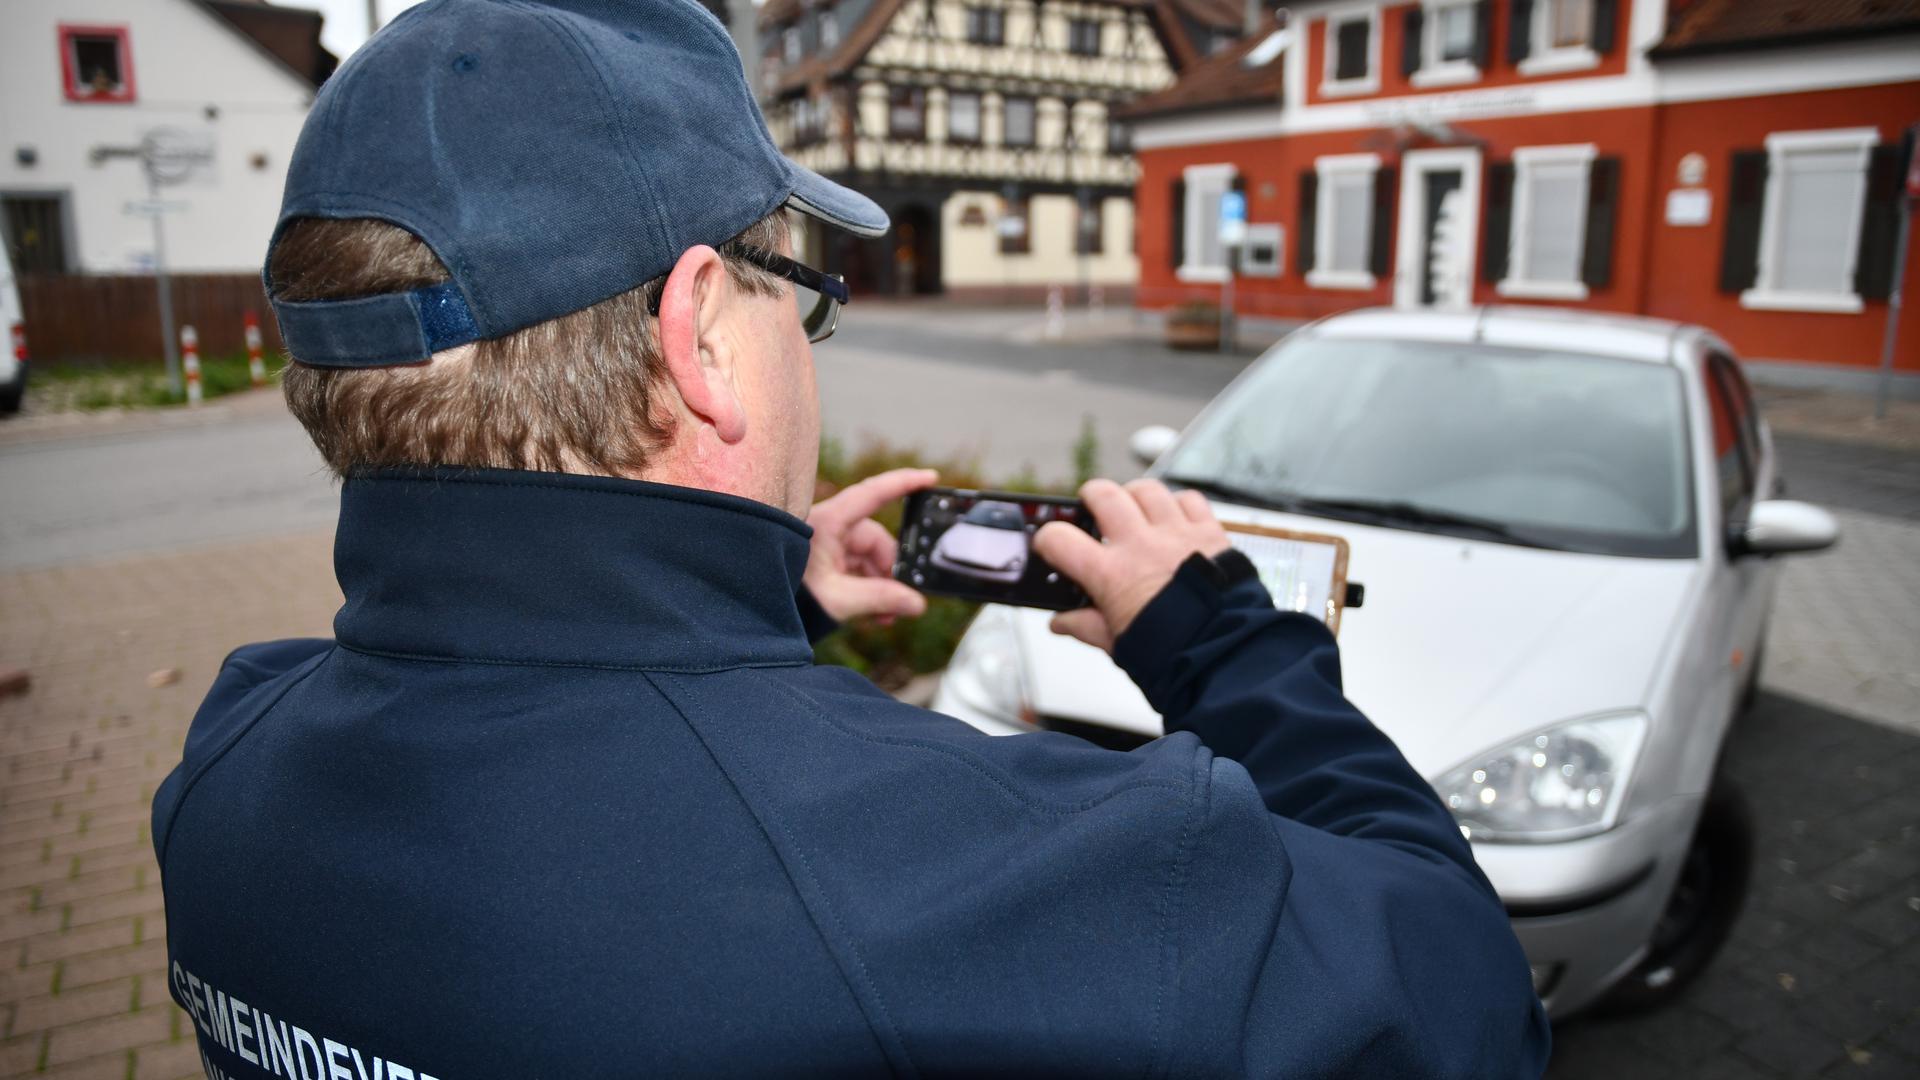 Burkhard Stengl steht mit dem Rücken zum Leser. Mit seinem Handy schießt er Fotos von einem falsch geparkten silbernen Auto.